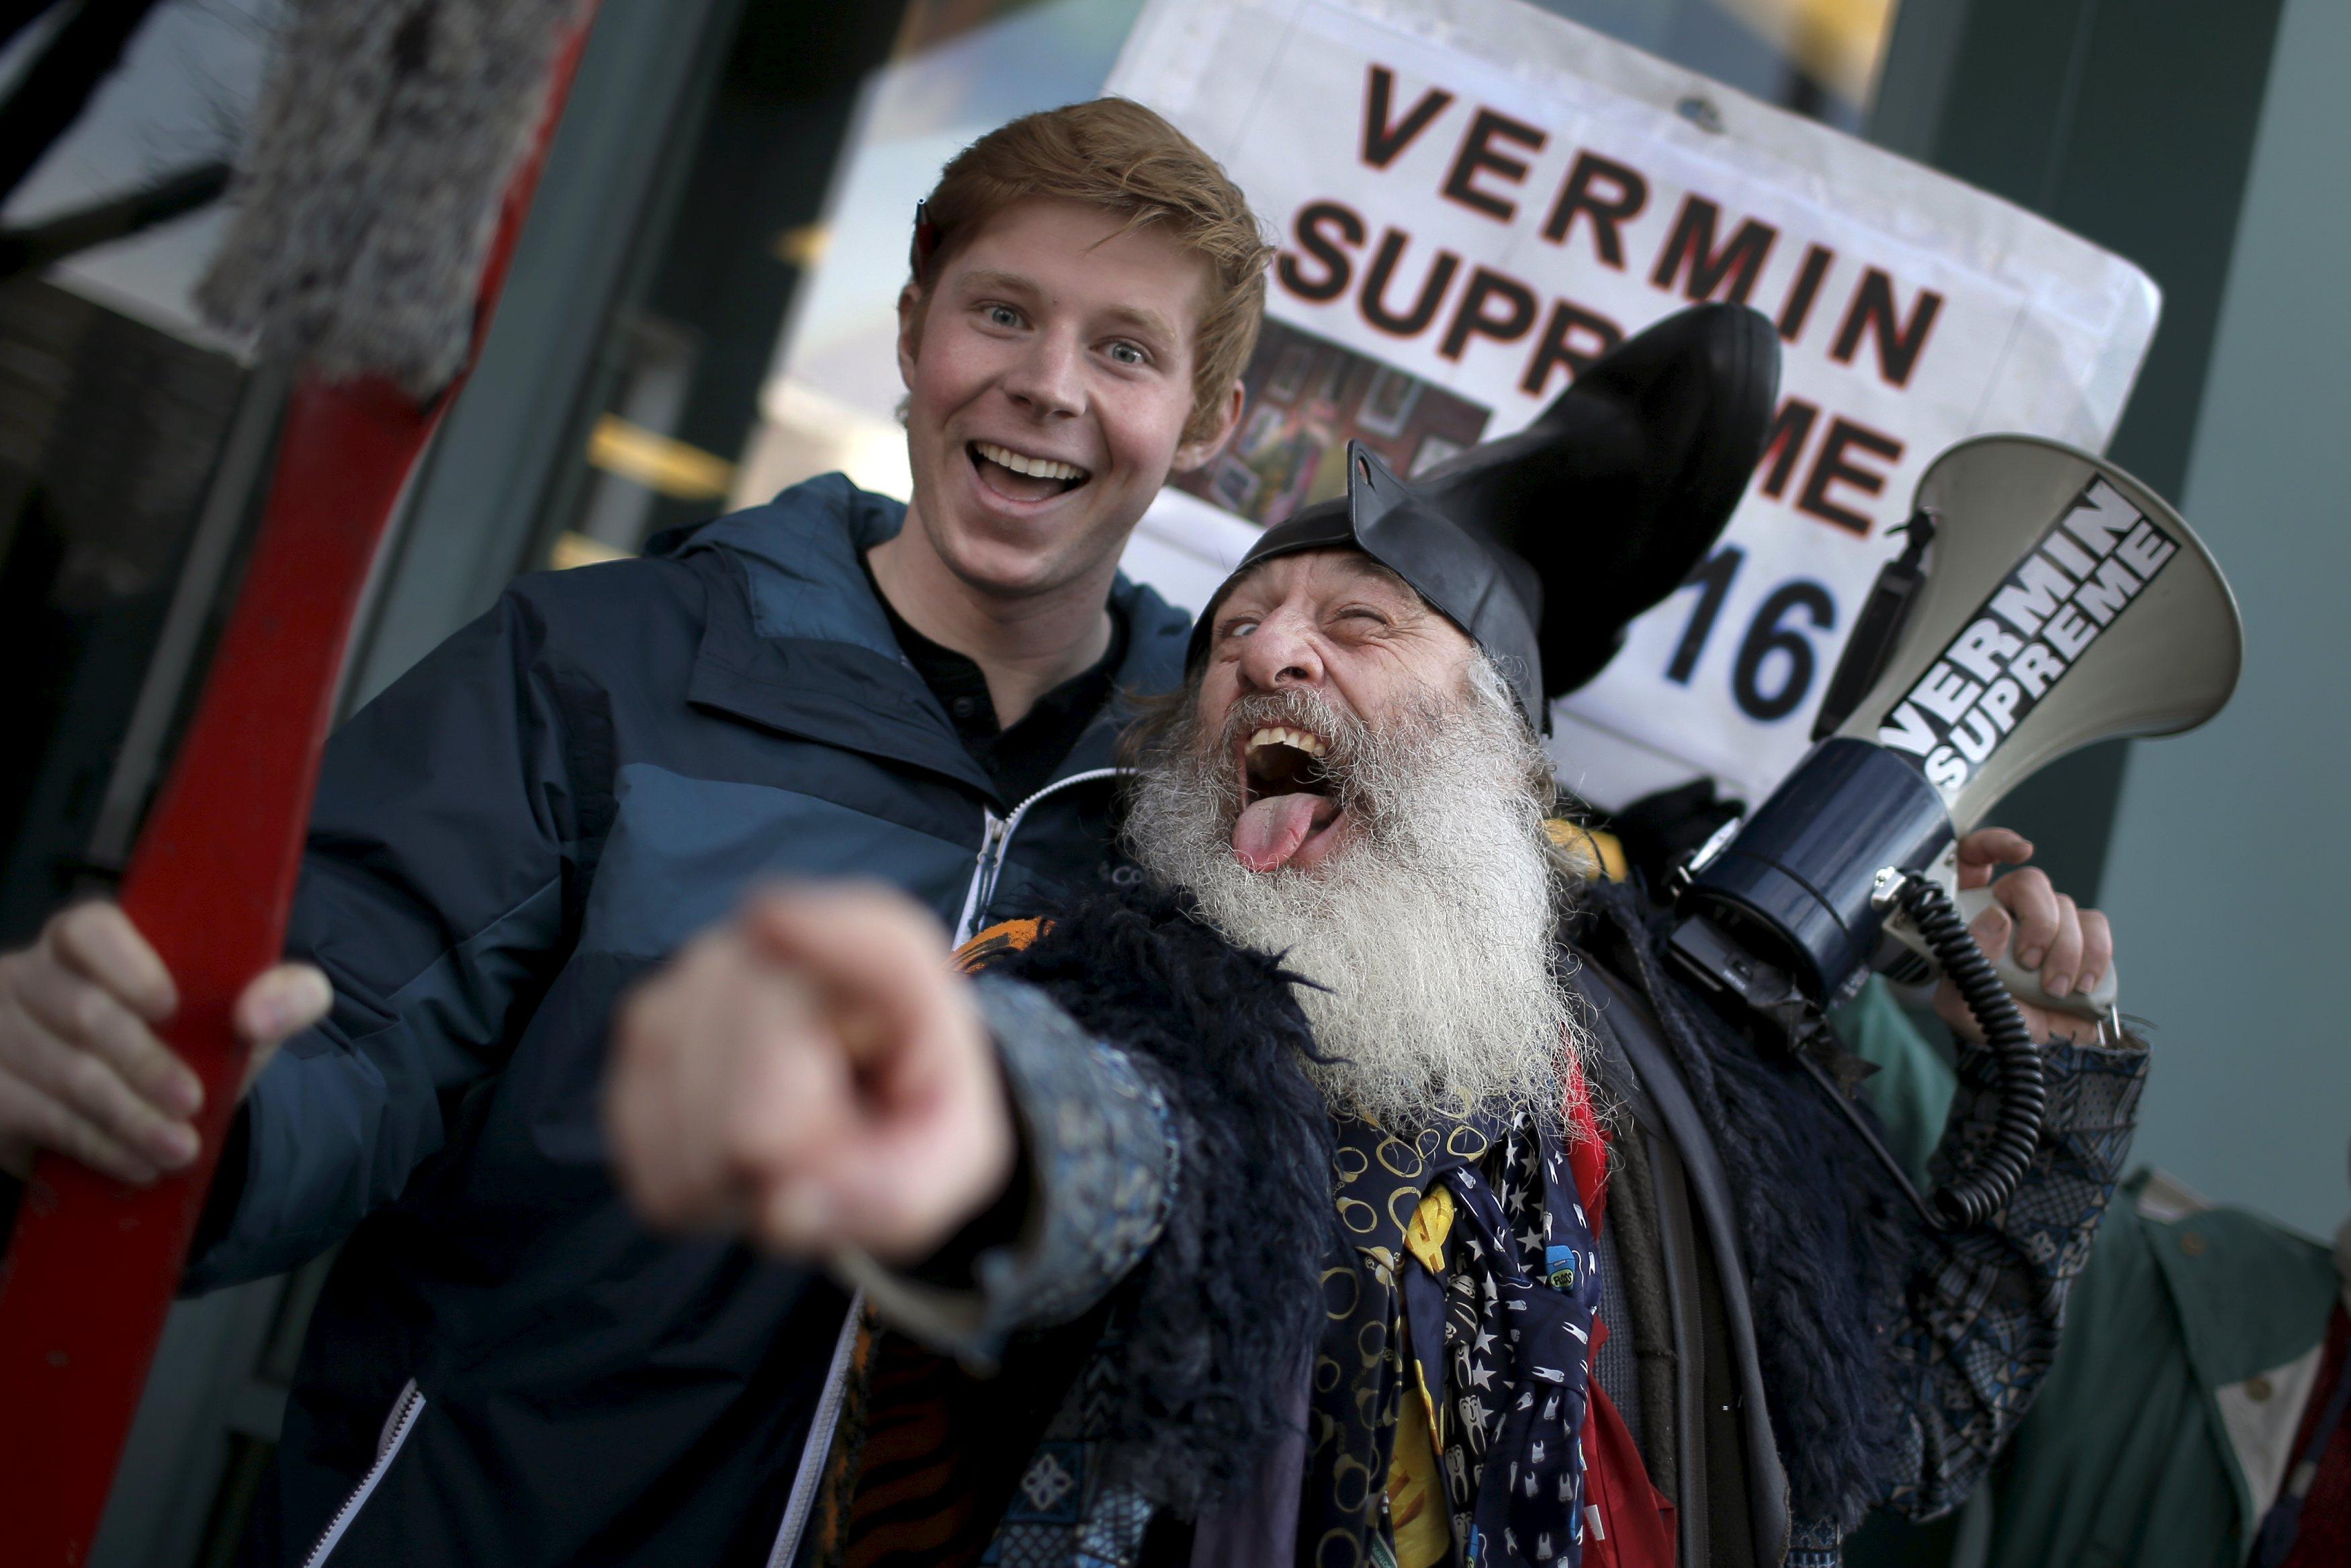 Vermin Supreme finishes fourth in New Hampshire Democratic ...